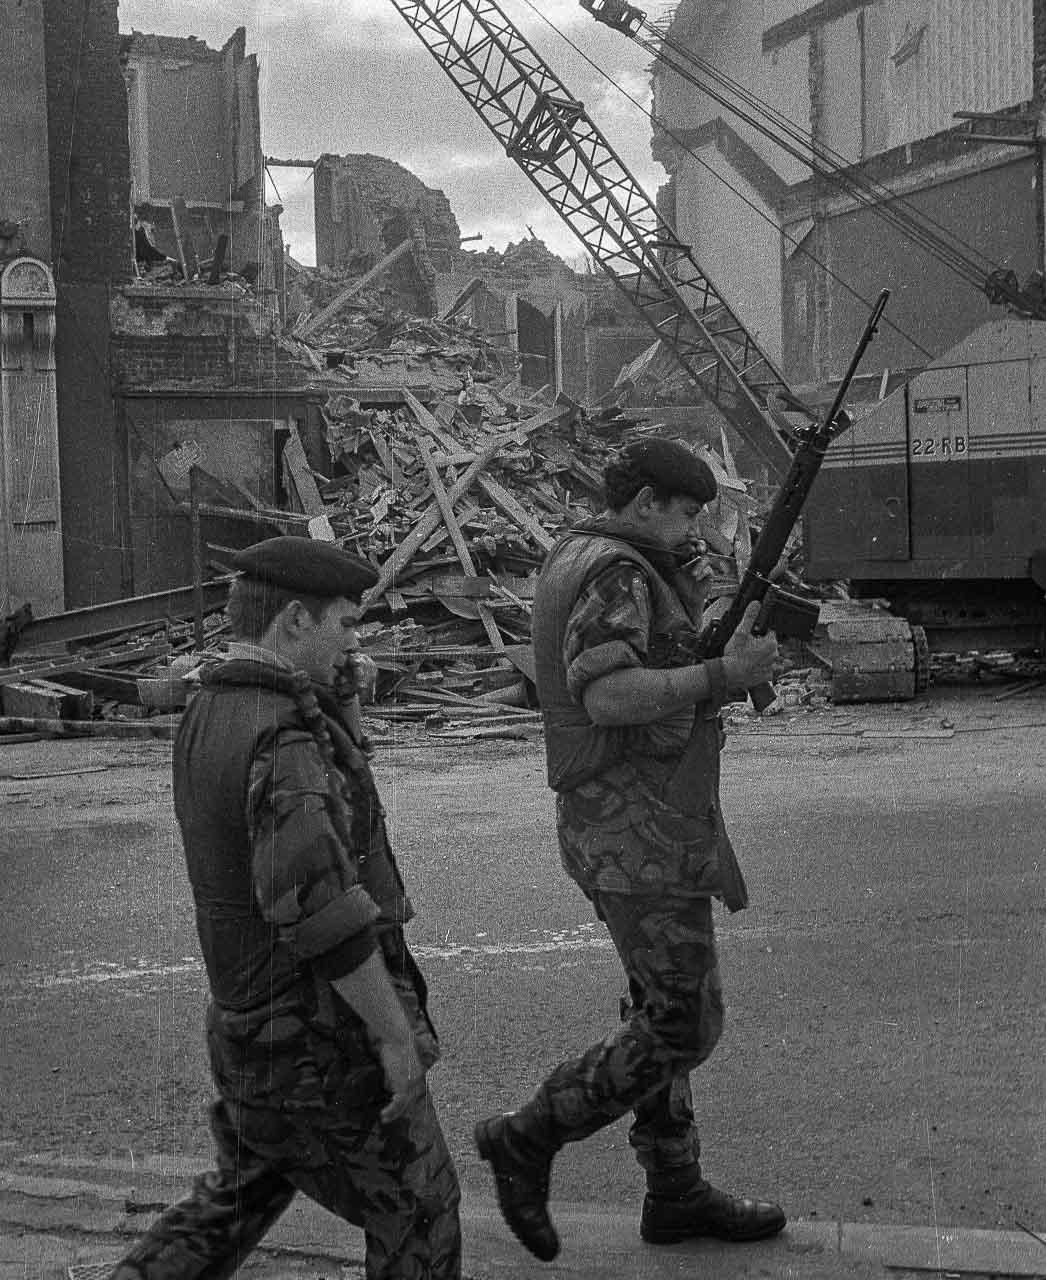 Britische Soldaten patrouillieren in Belfast im August 1973 vor den Trümmern eines Hauses, das durch einen Bombenanschlag zerstört wurde.